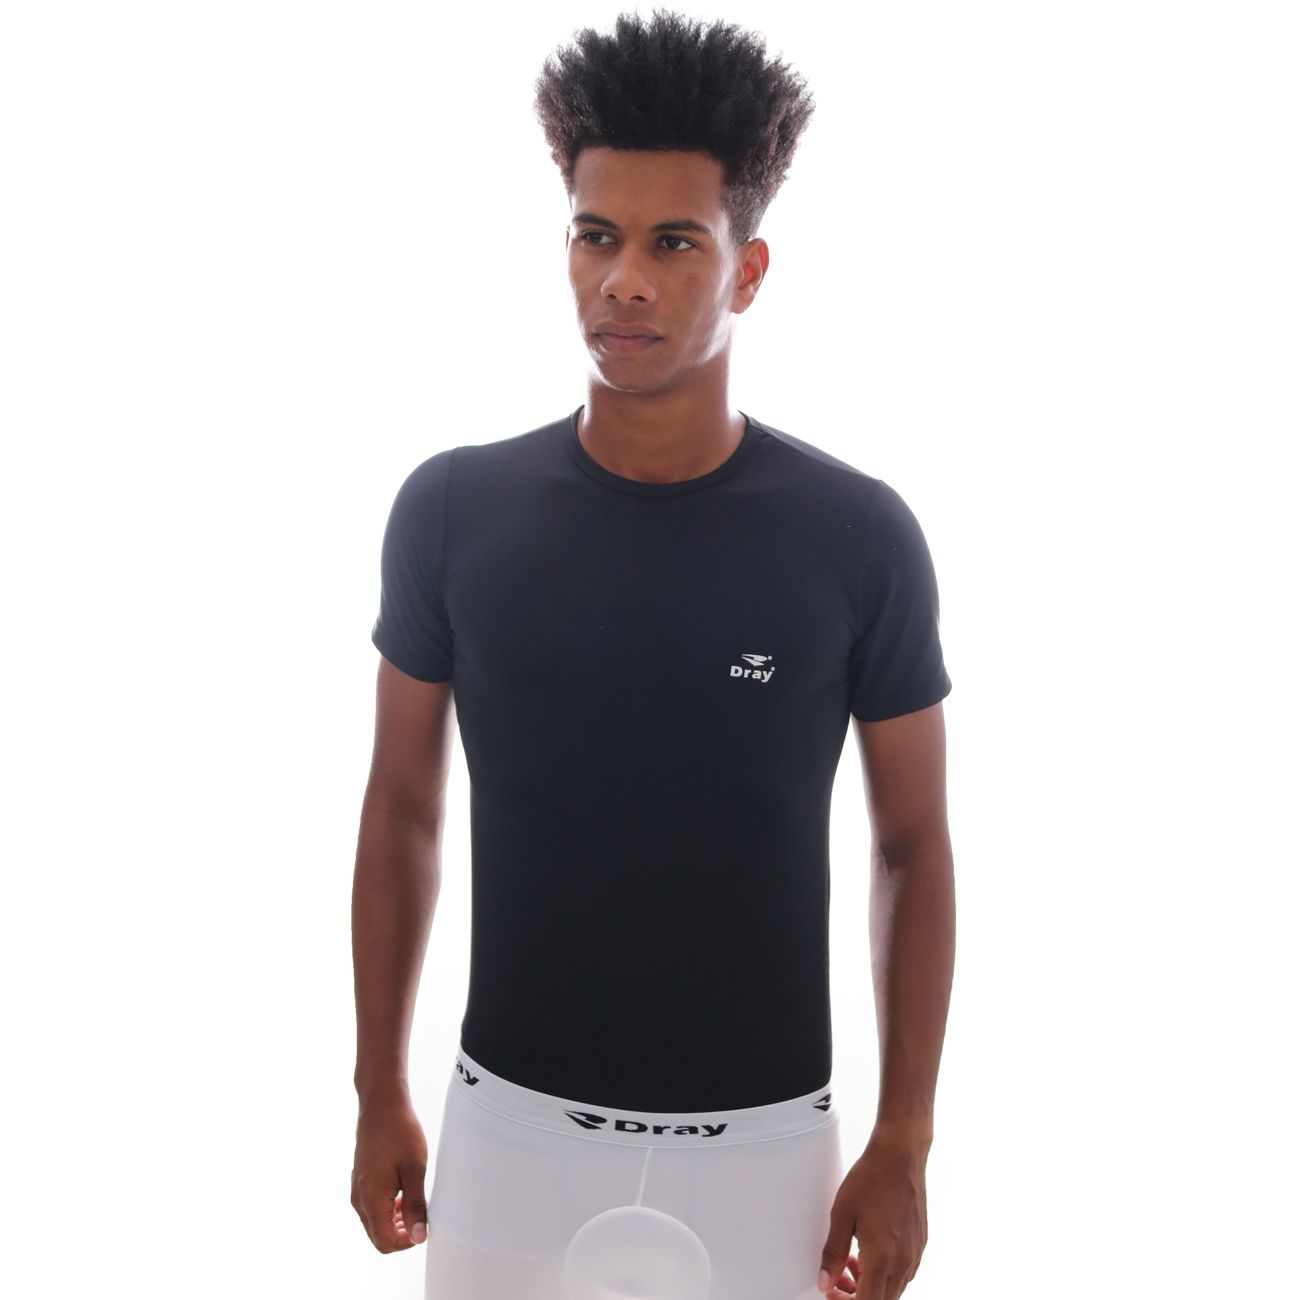 Camisa Térmica Dray Mc Preto